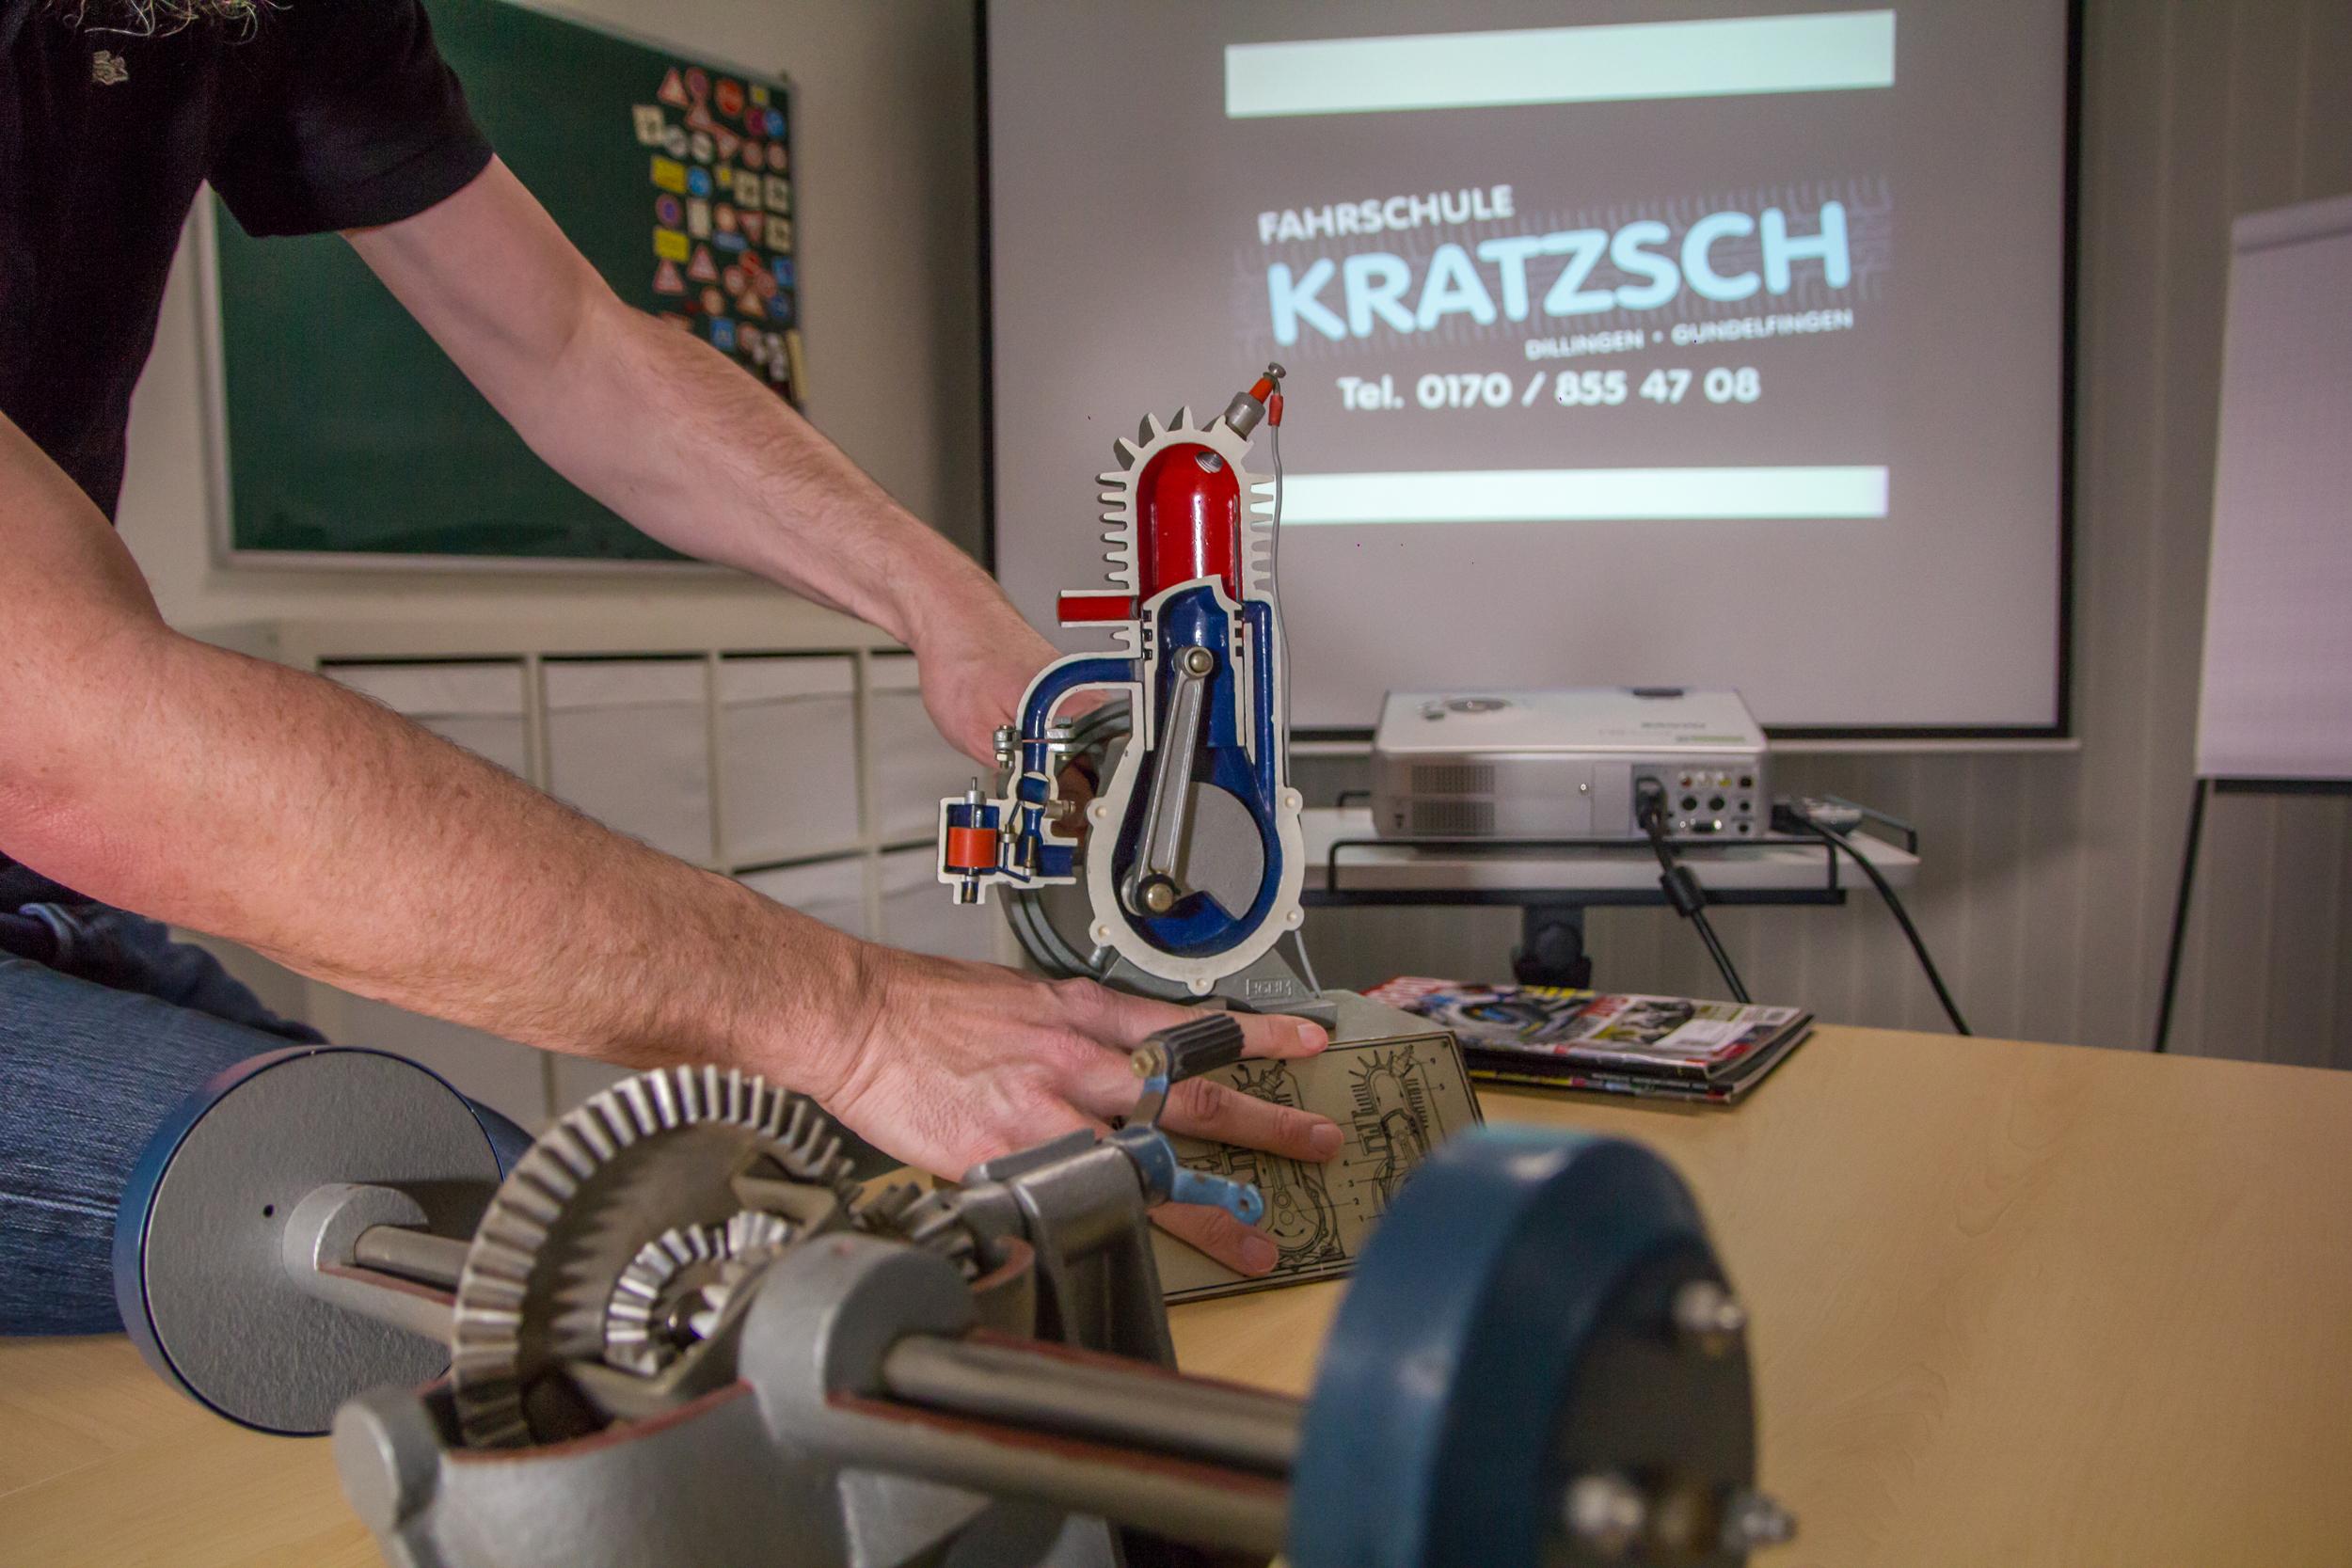 Kratzsch-Fotos-1390